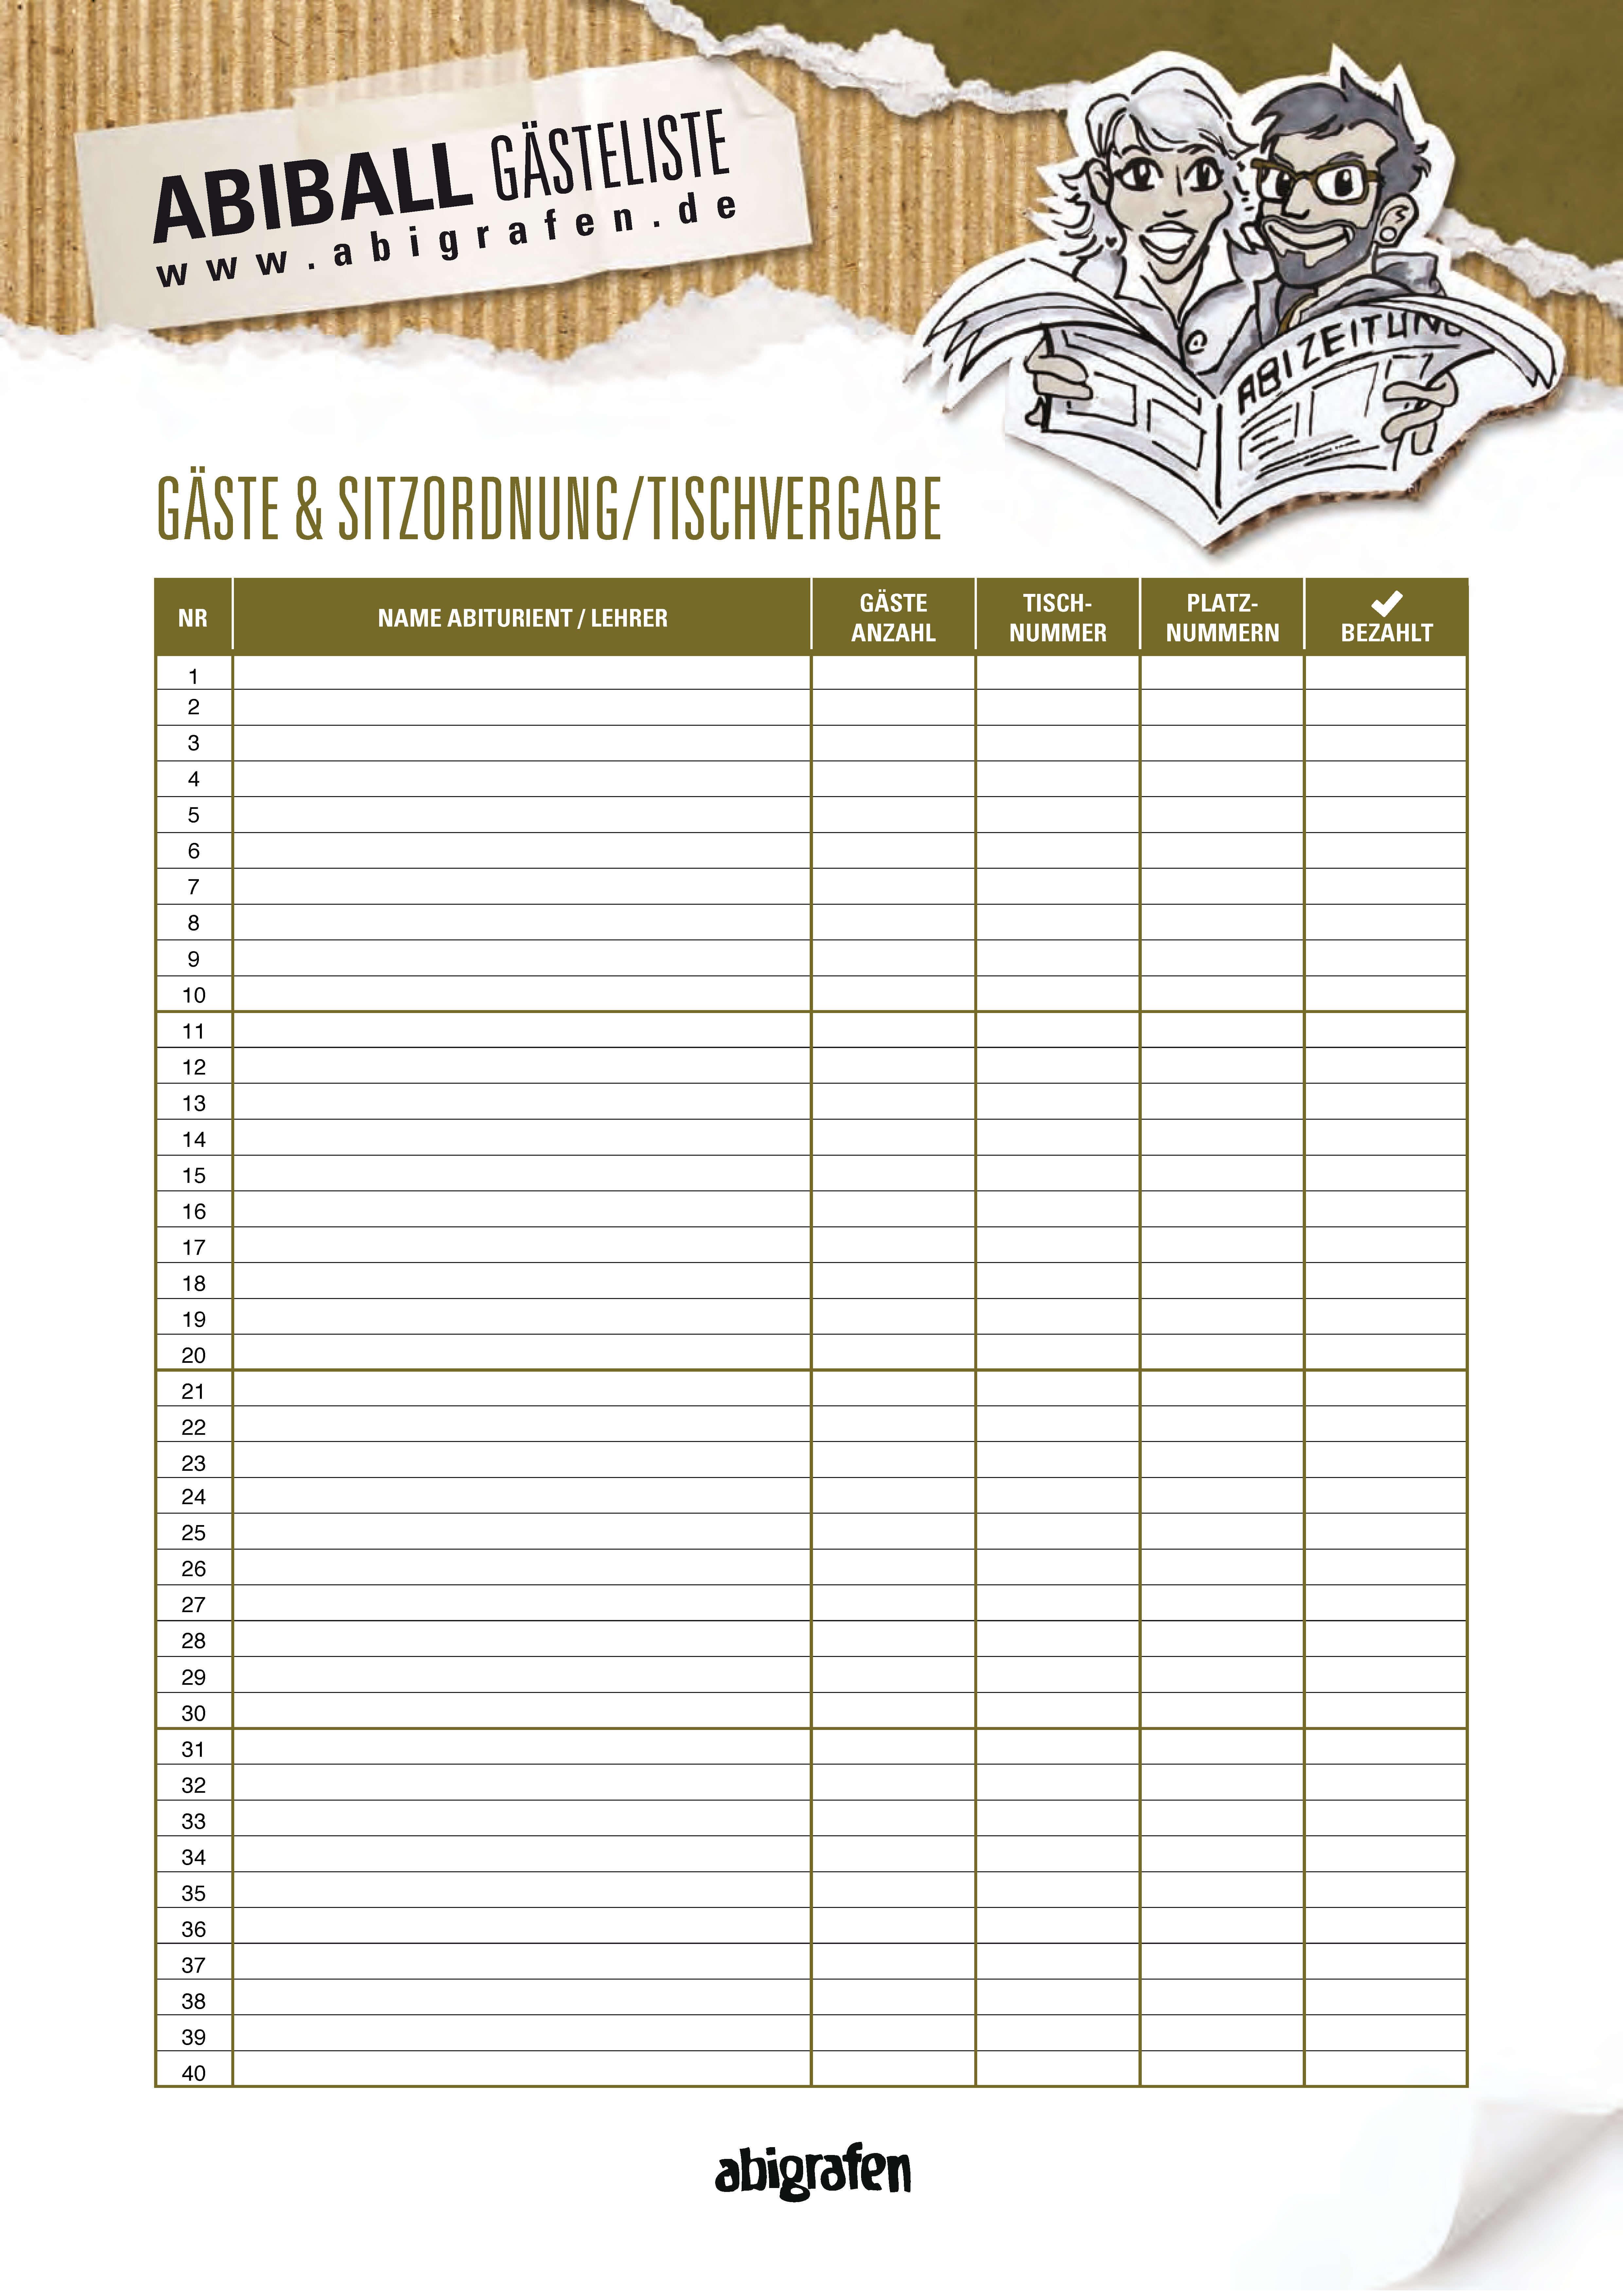 abigrafen.de - Druckvorlage Gästeliste / Sitzordnung / Tischvergabe für den Abiball